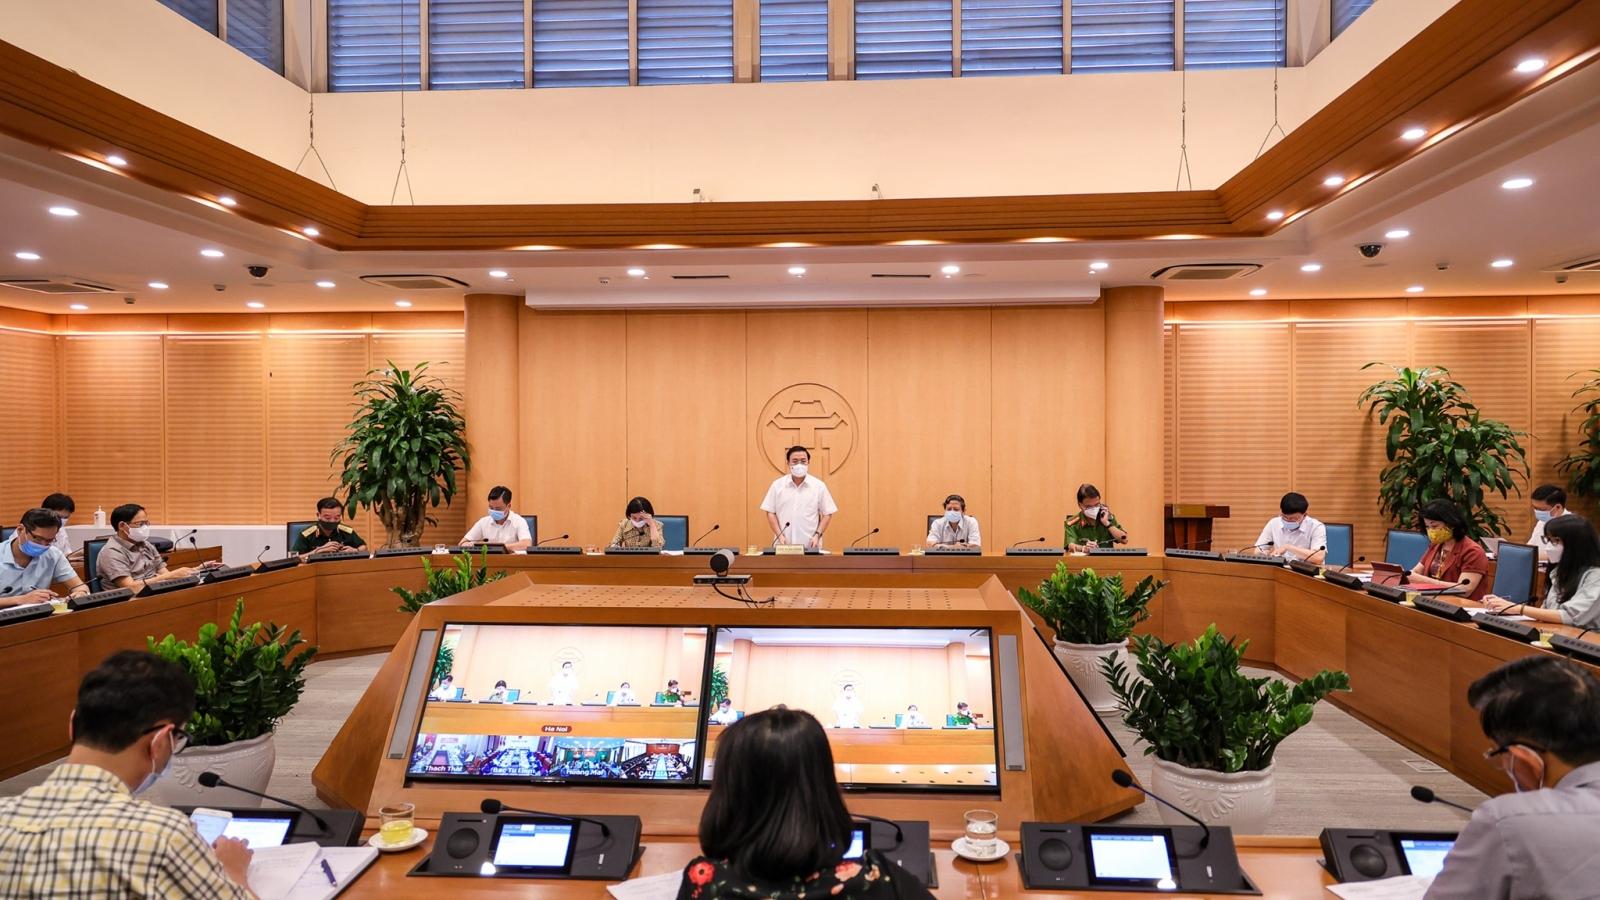 Hà Nội lập danh sách, quản lý chặt hơn 6.300 người làm việc ở Bắc Giang và Bắc Ninh